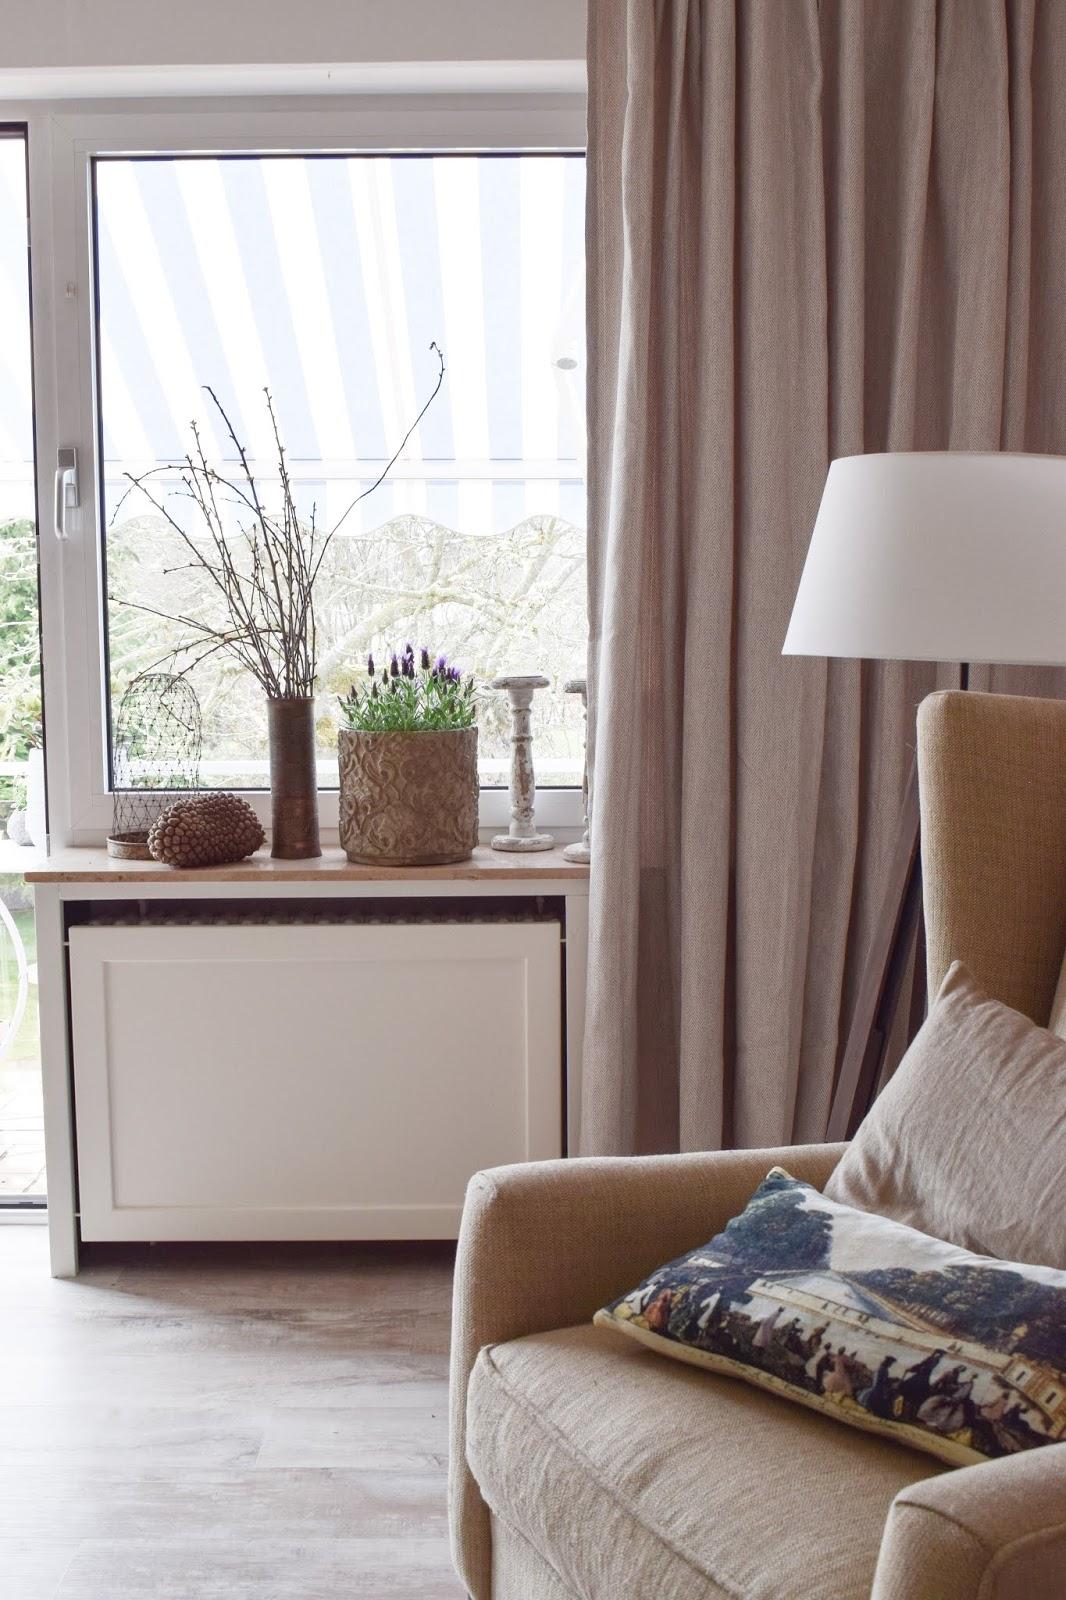 Lavendel Deko Dekoidee Schopflavendel Wohnzimmer Interior natürlich dekorieren Dekotipp Holzdeko Landhausdeko Landhausstil Landhaus